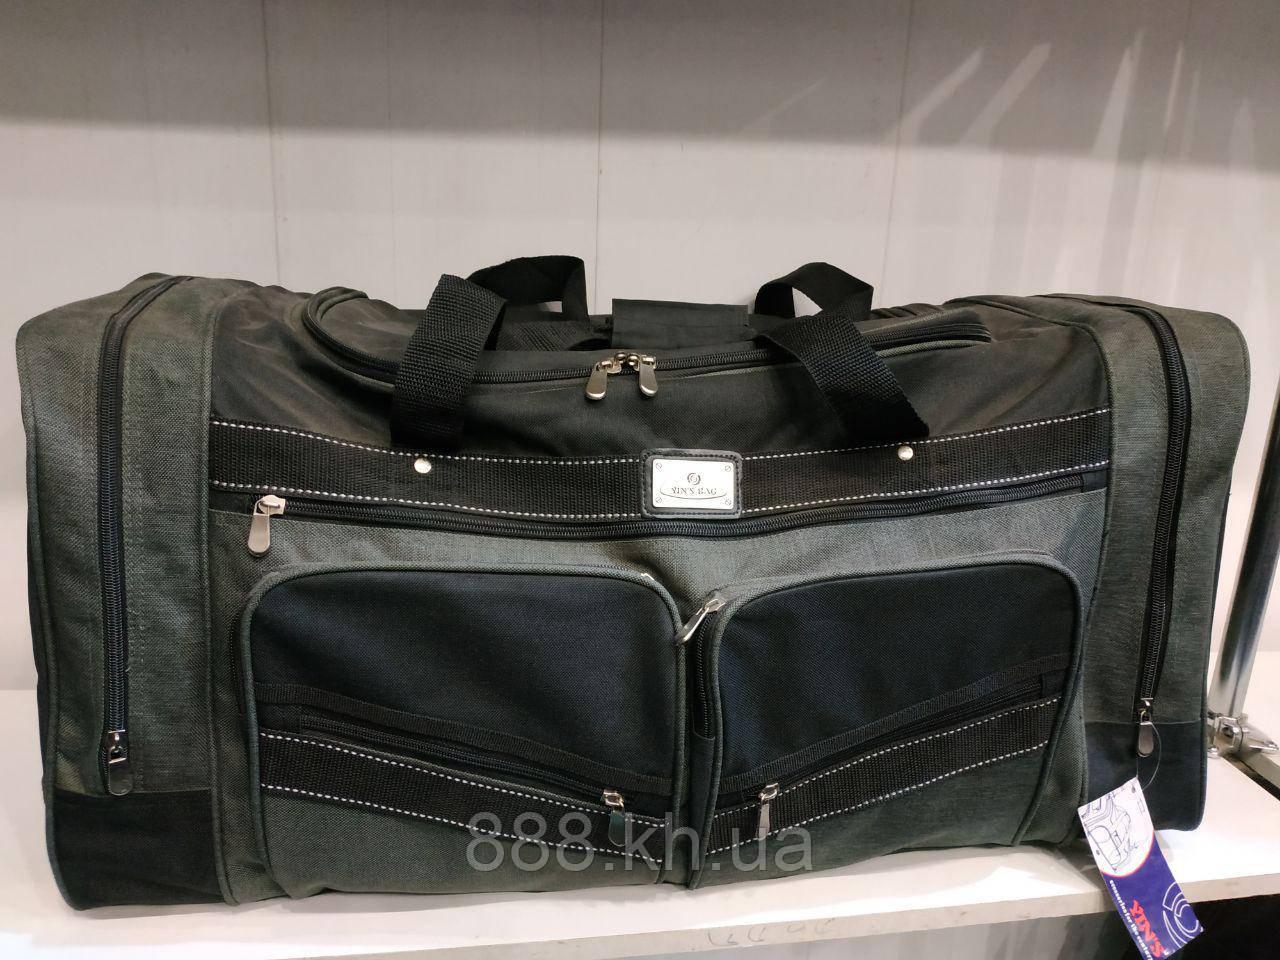 Дорожная универсальная сумка, сумка для поездок, дорожная сумка (темно-серый)